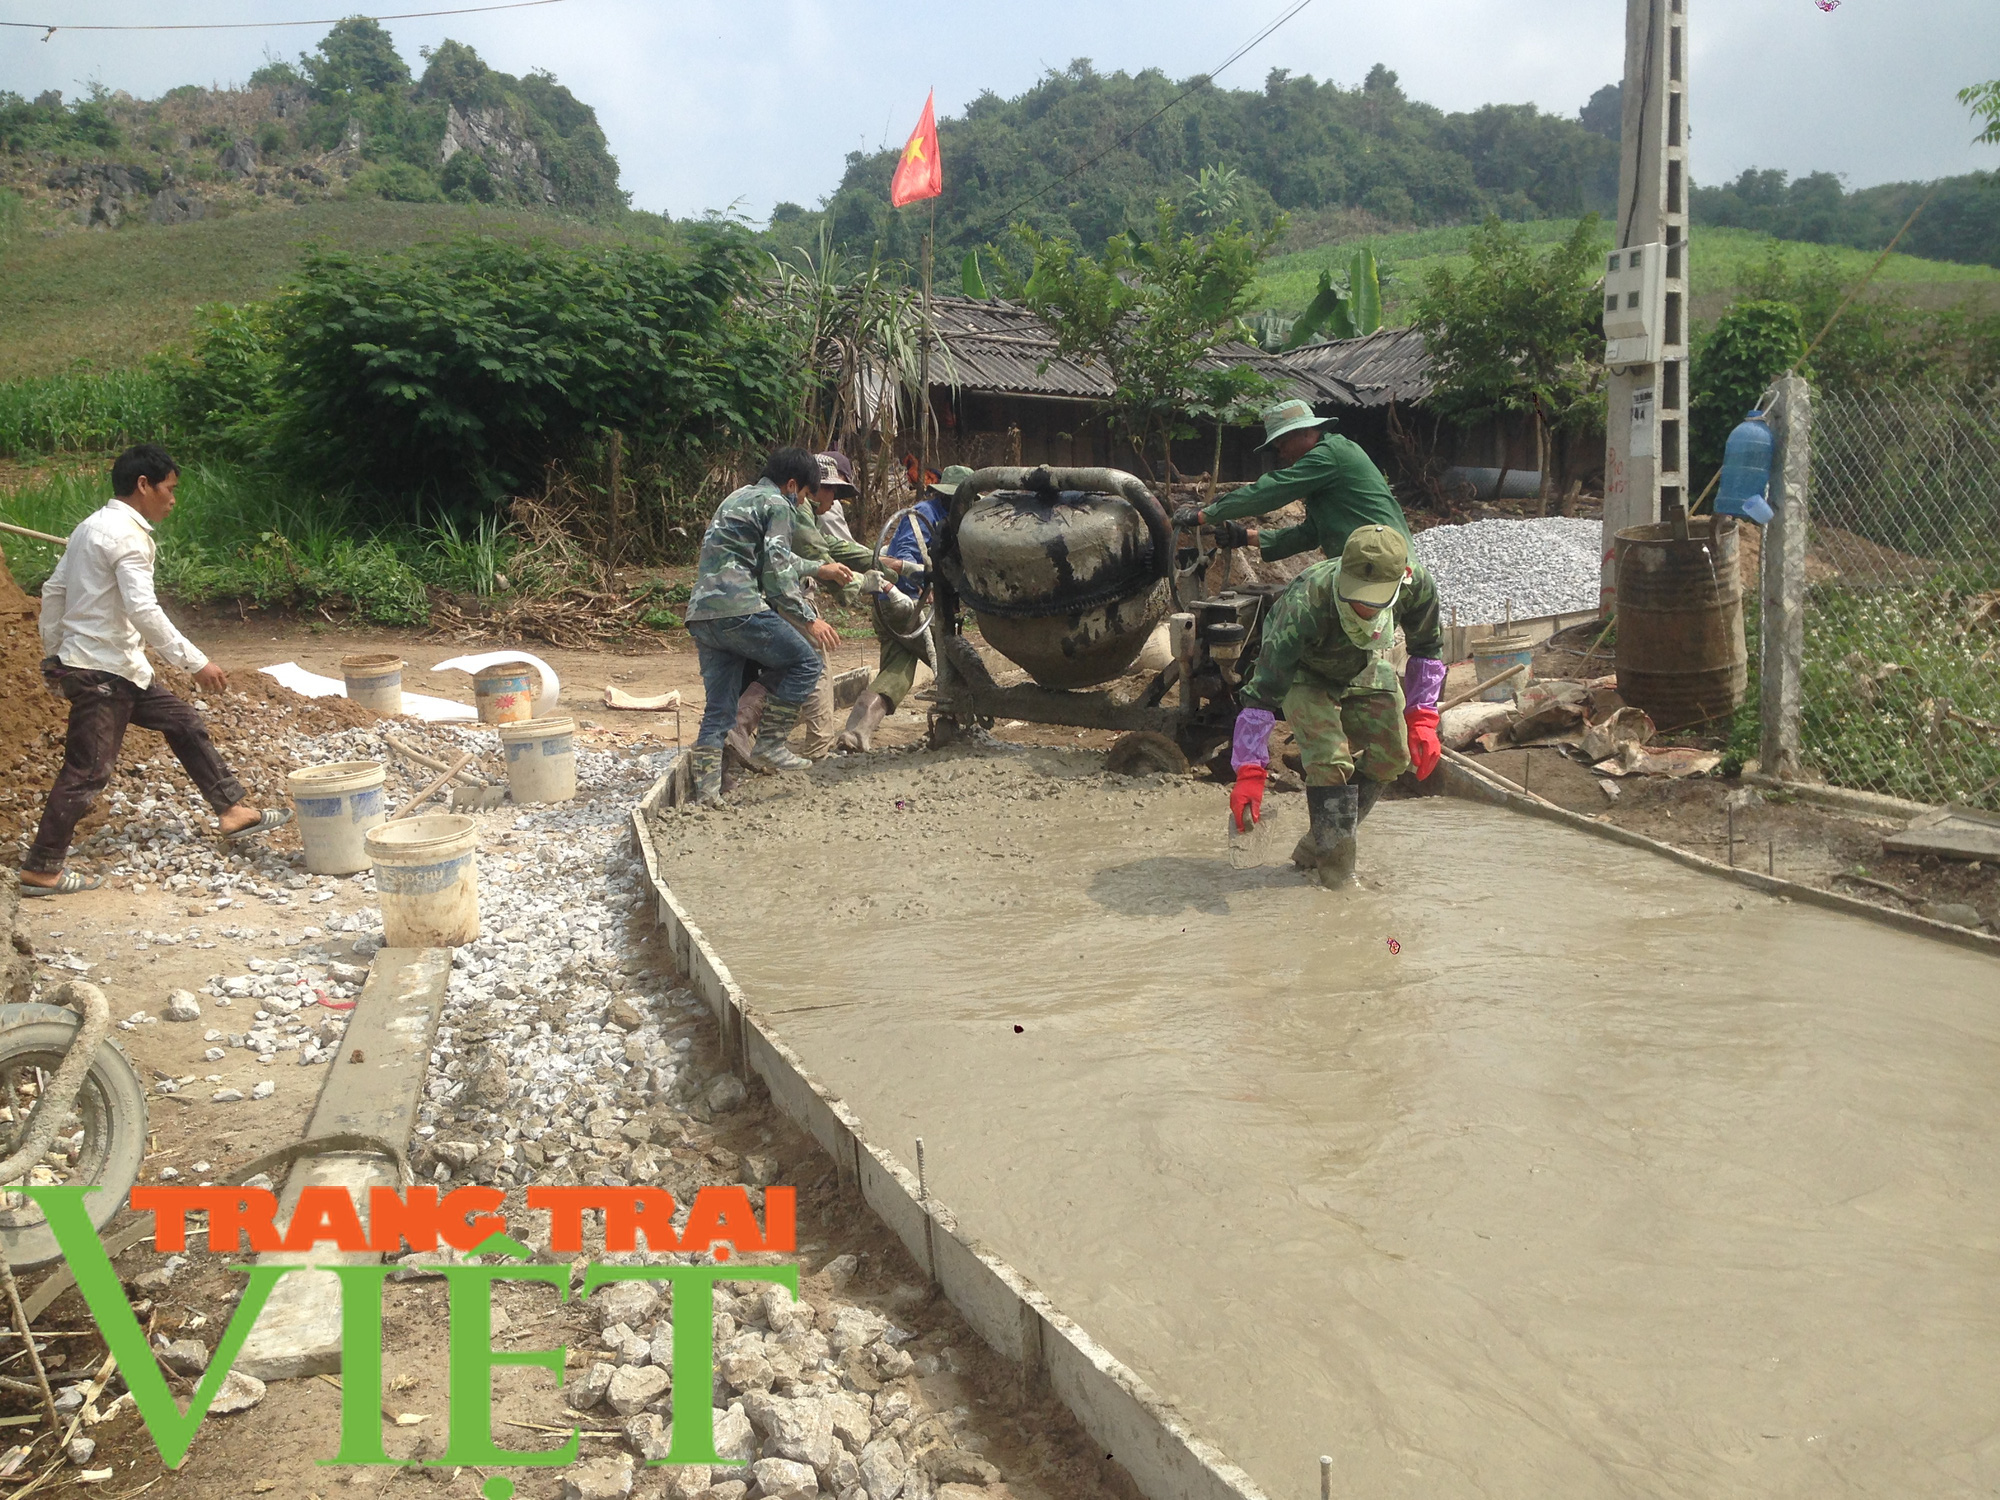 Hội Nông dân Mai Sơn: Huy động hội viên góp công, góp sức xây dựng nông thôn mới - Ảnh 1.